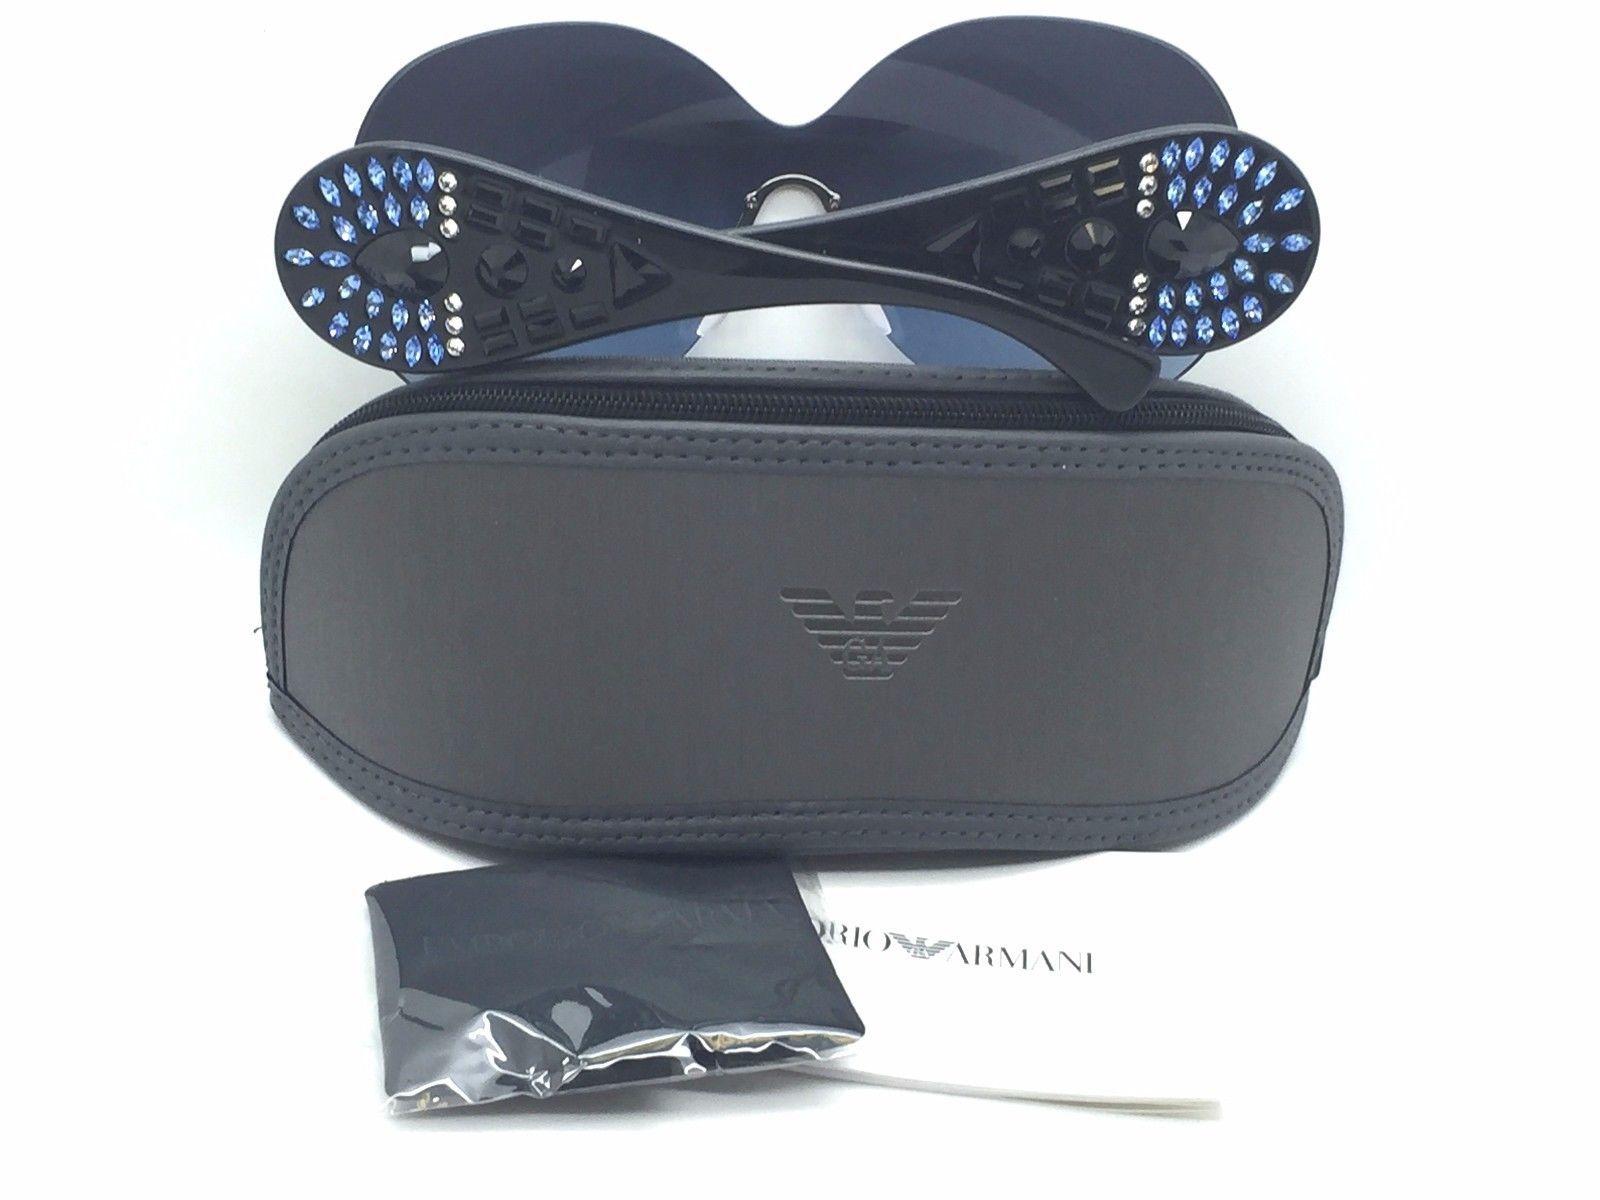 e1433aba302 NEW Authentic Emporio Armani SunGlasses frames EA4022B 5142 8F